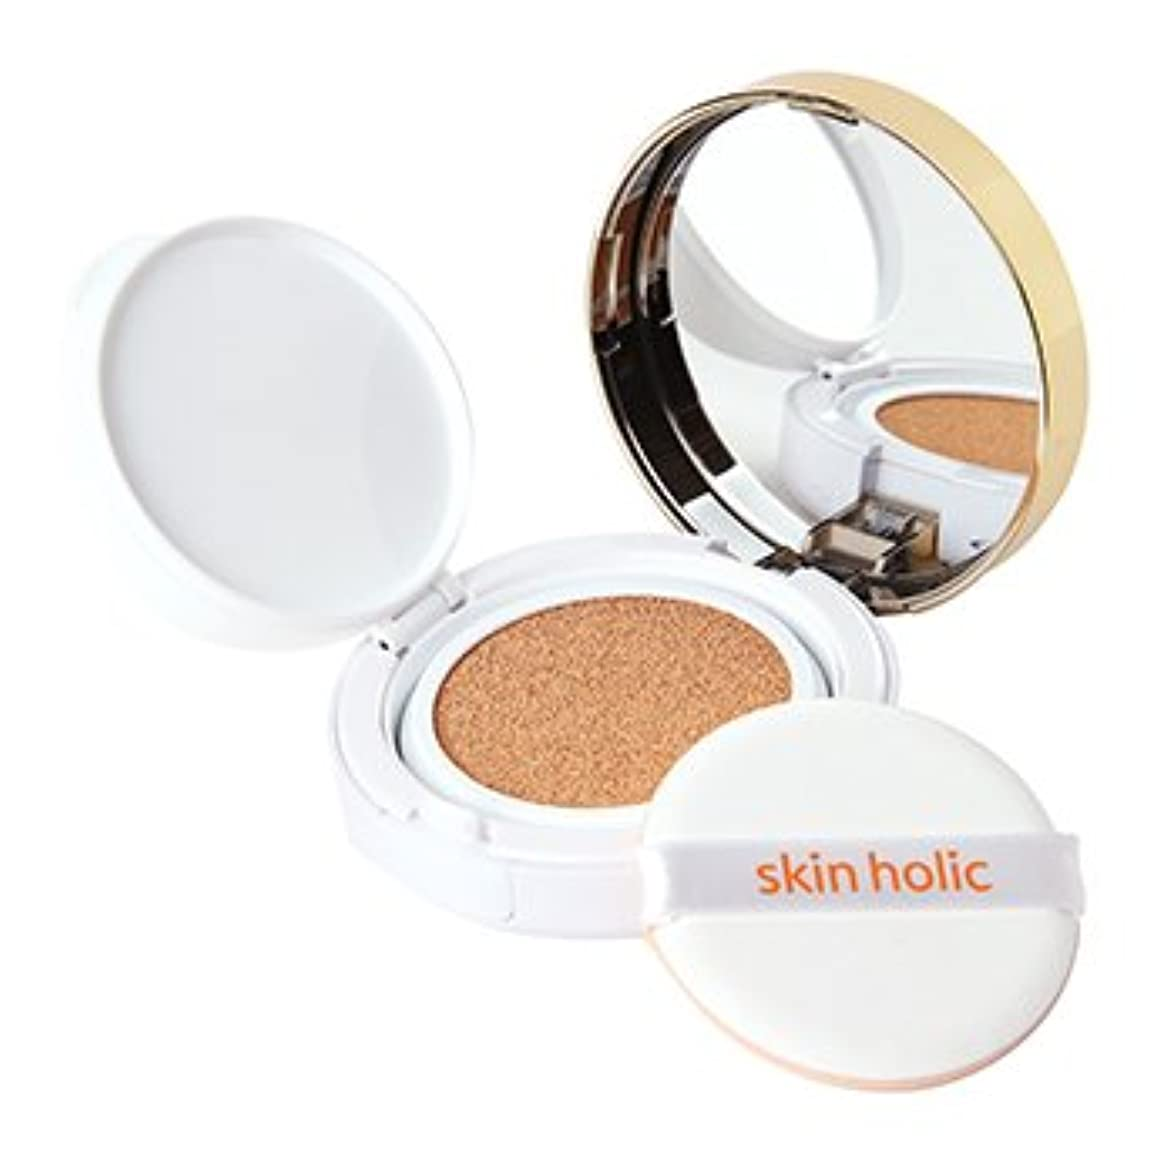 ブリードシプリー支店skin holic モイストモイスチャー クッションファンデーション スキンホリック